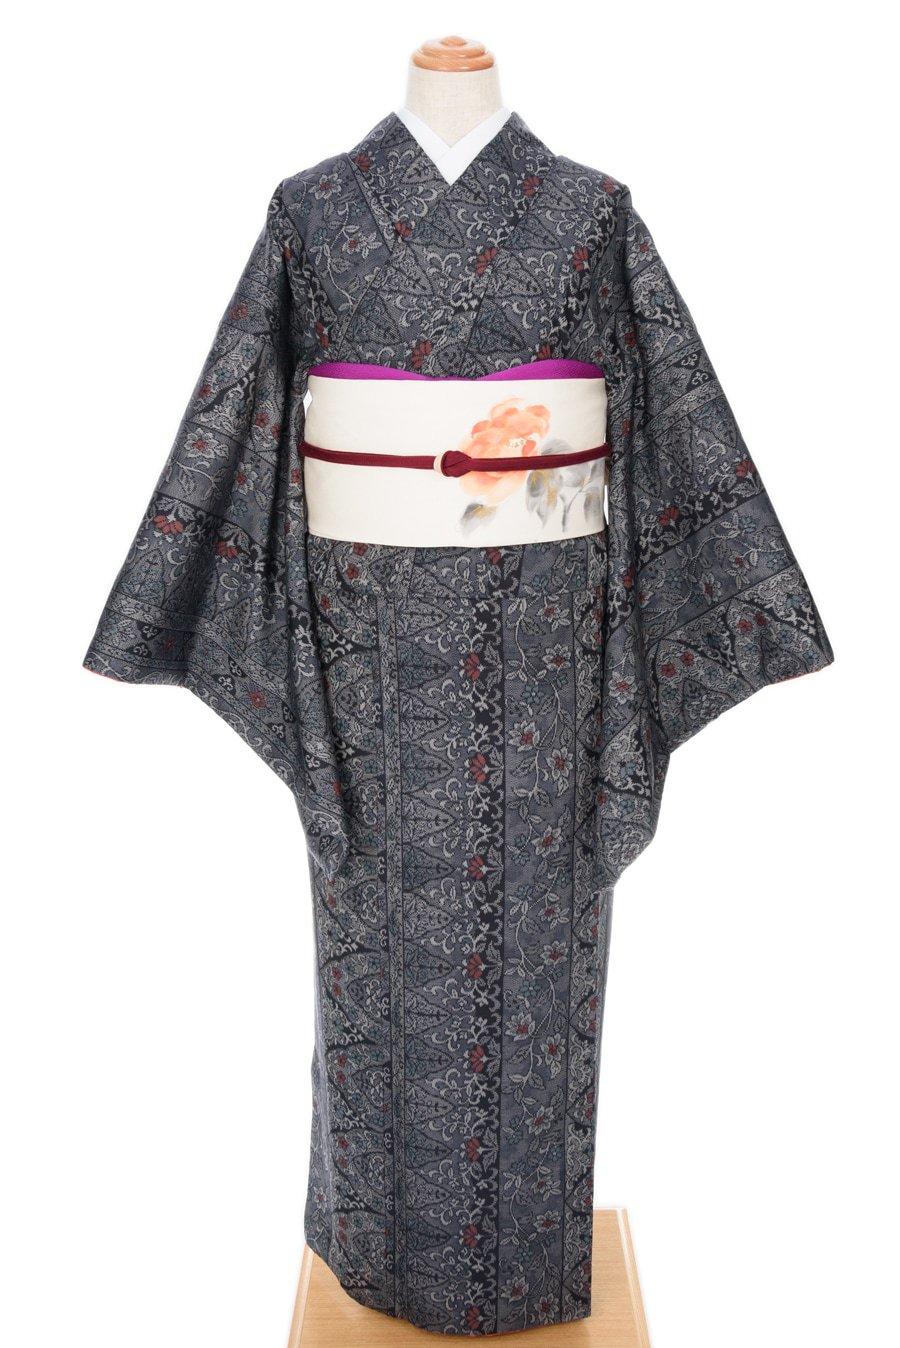 「紬 縞と花」の商品画像